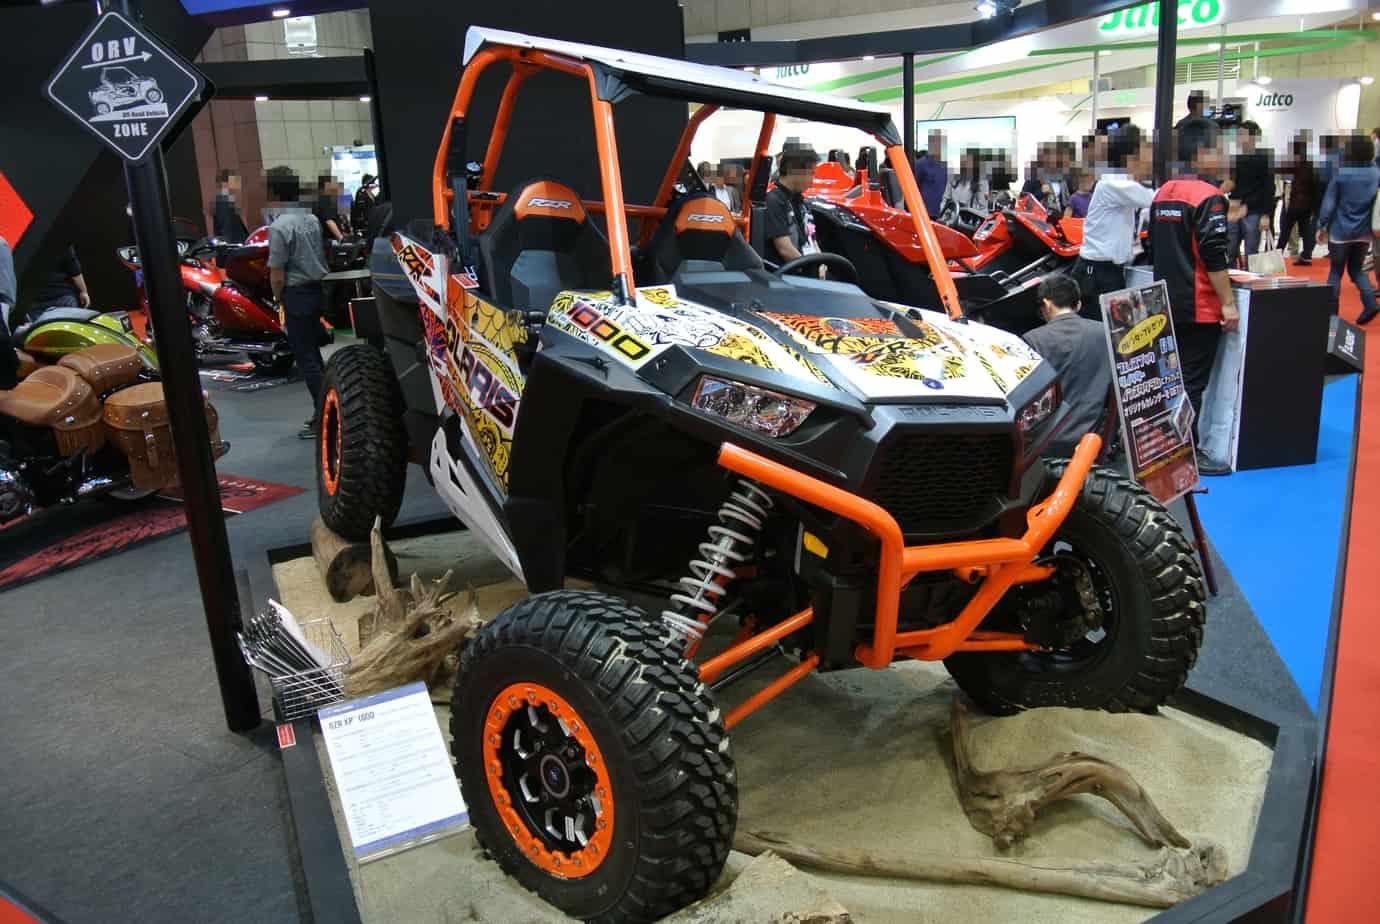 האופנה האופנתית עגלה לרייזר - Snir Go XG-91